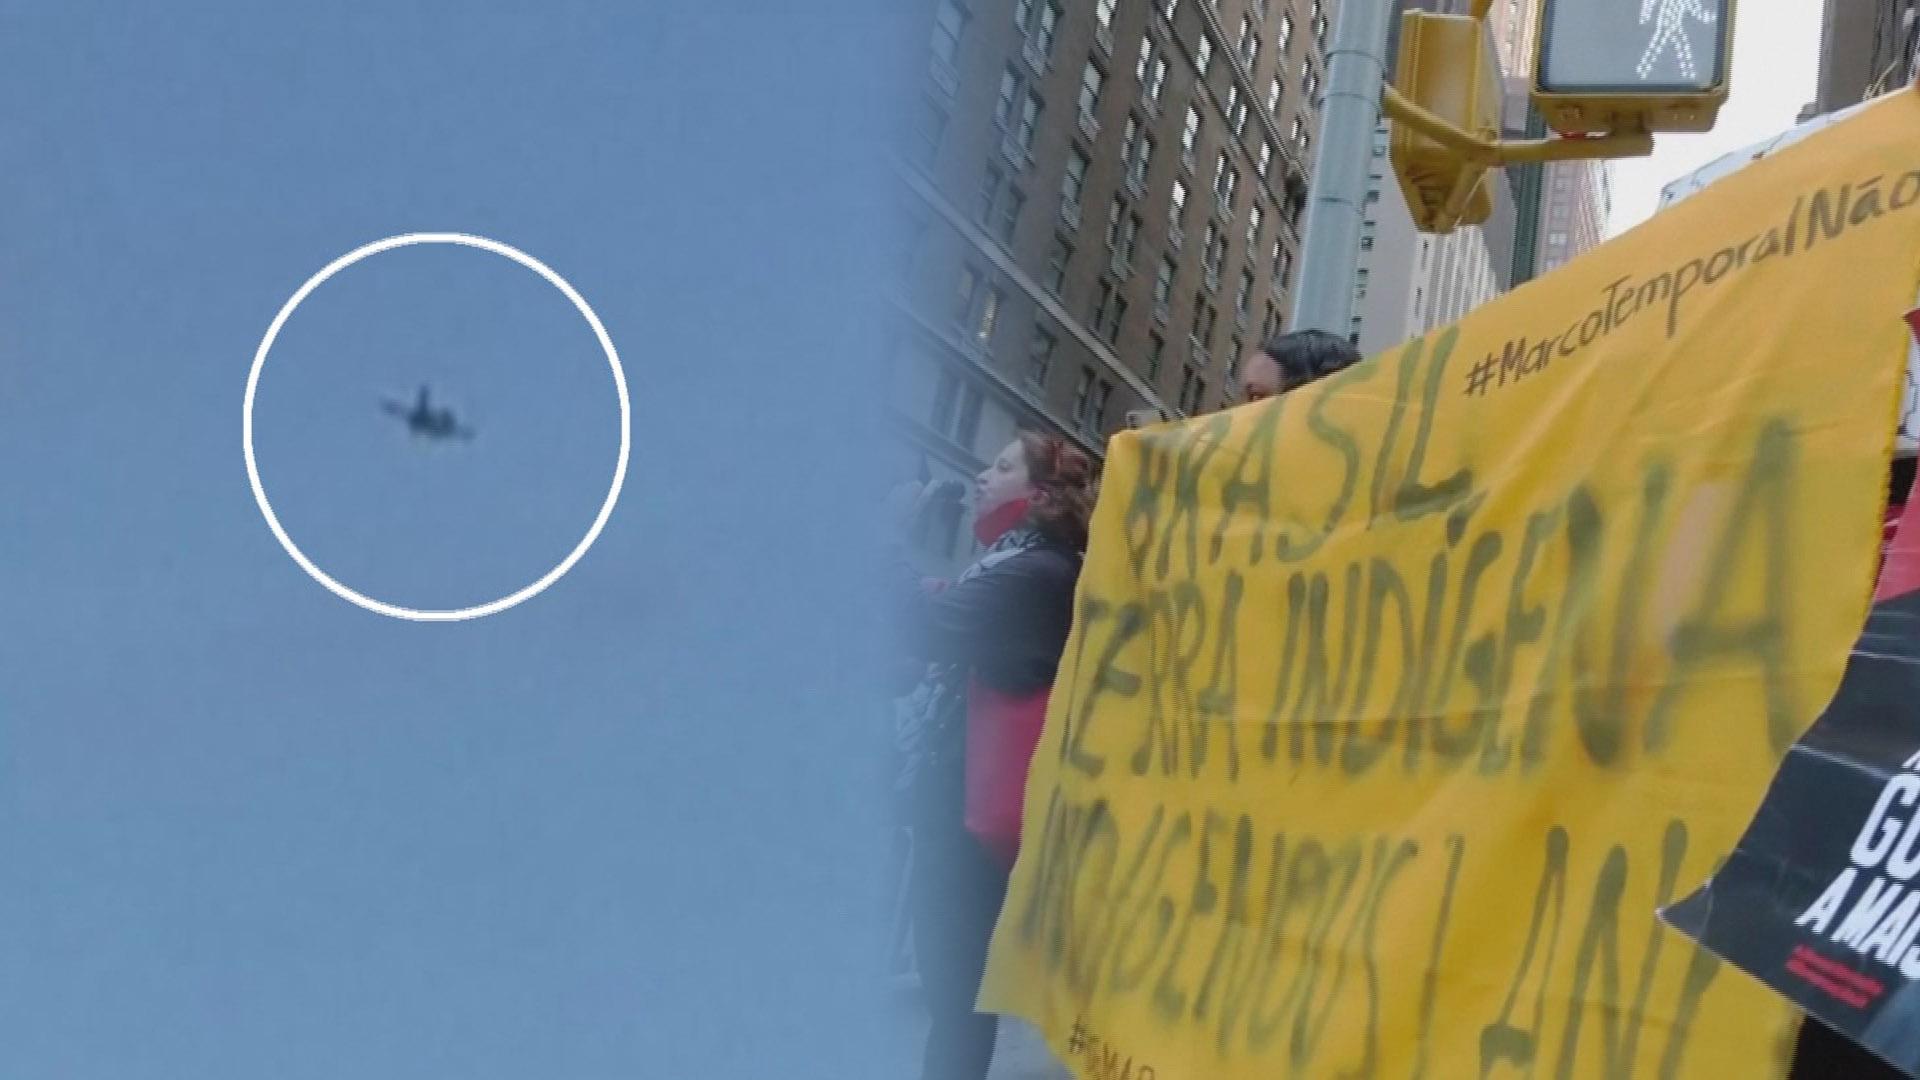 '외교 슈퍼볼' 유엔총회 열린 뉴욕 철통경비…시위에 전투기 출동도